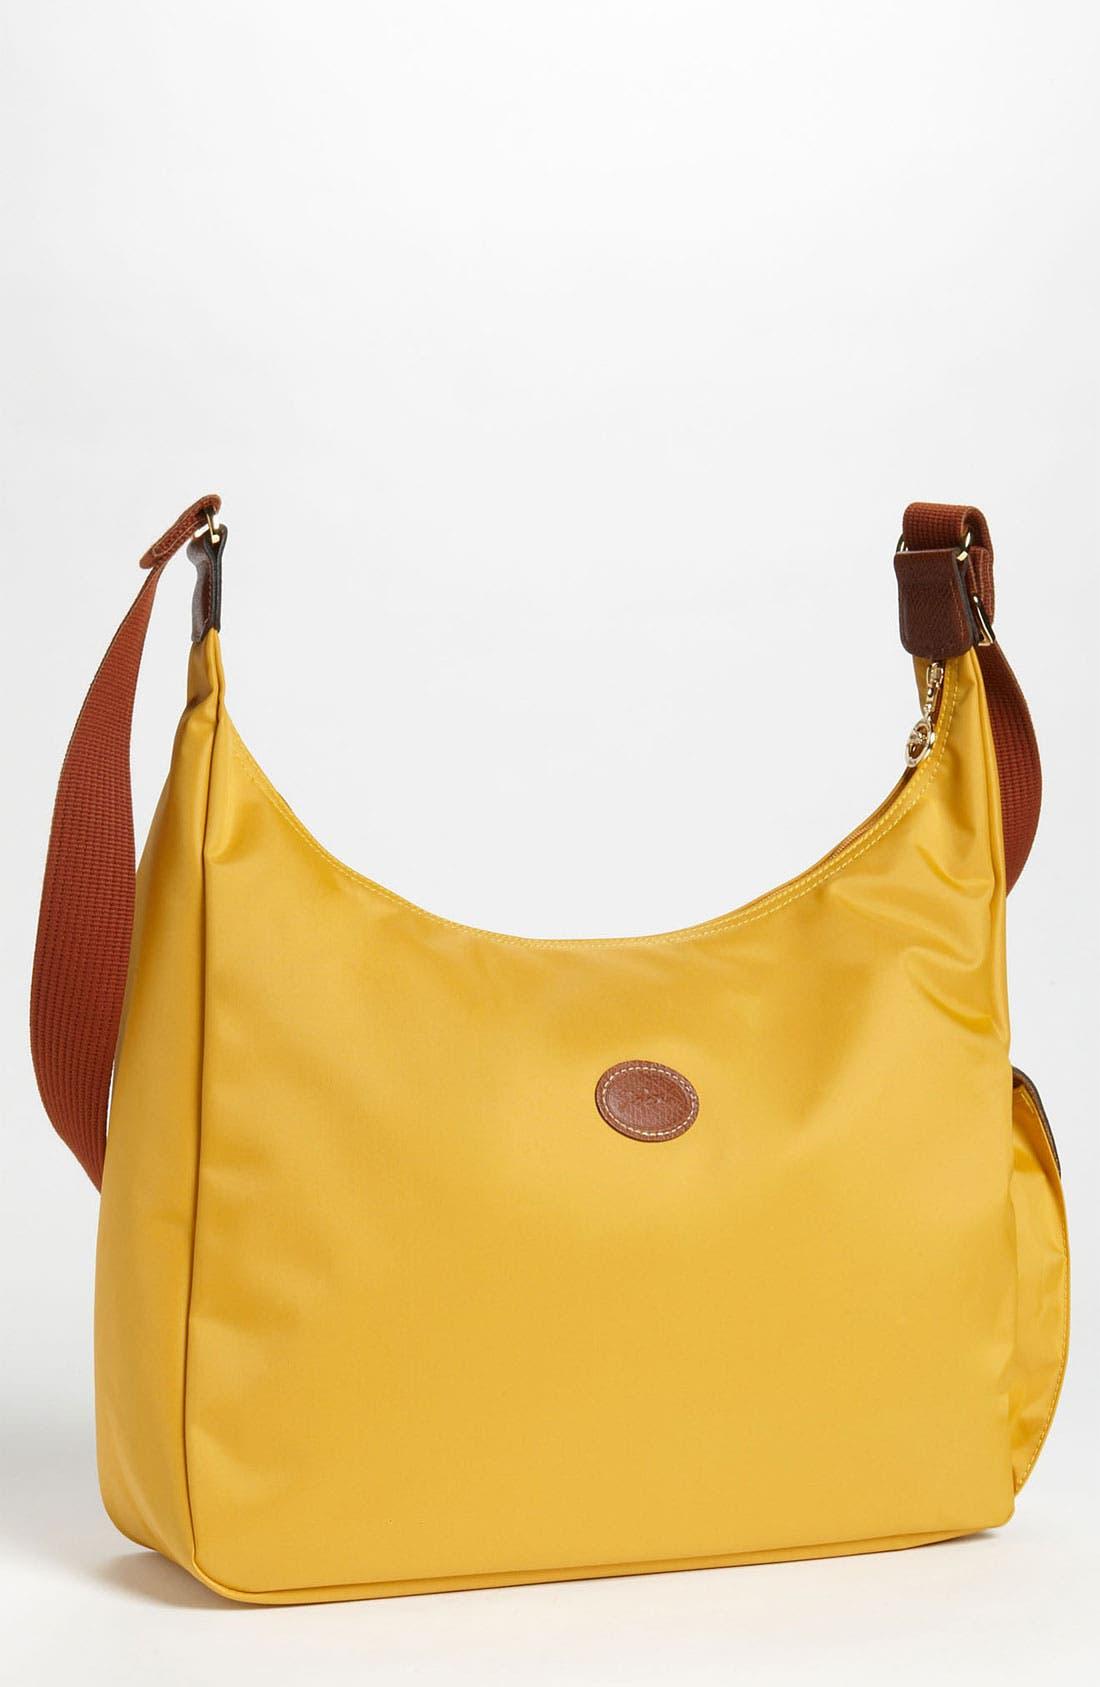 Main Image - Longchamp 'Le Pliage' Convertible Hobo